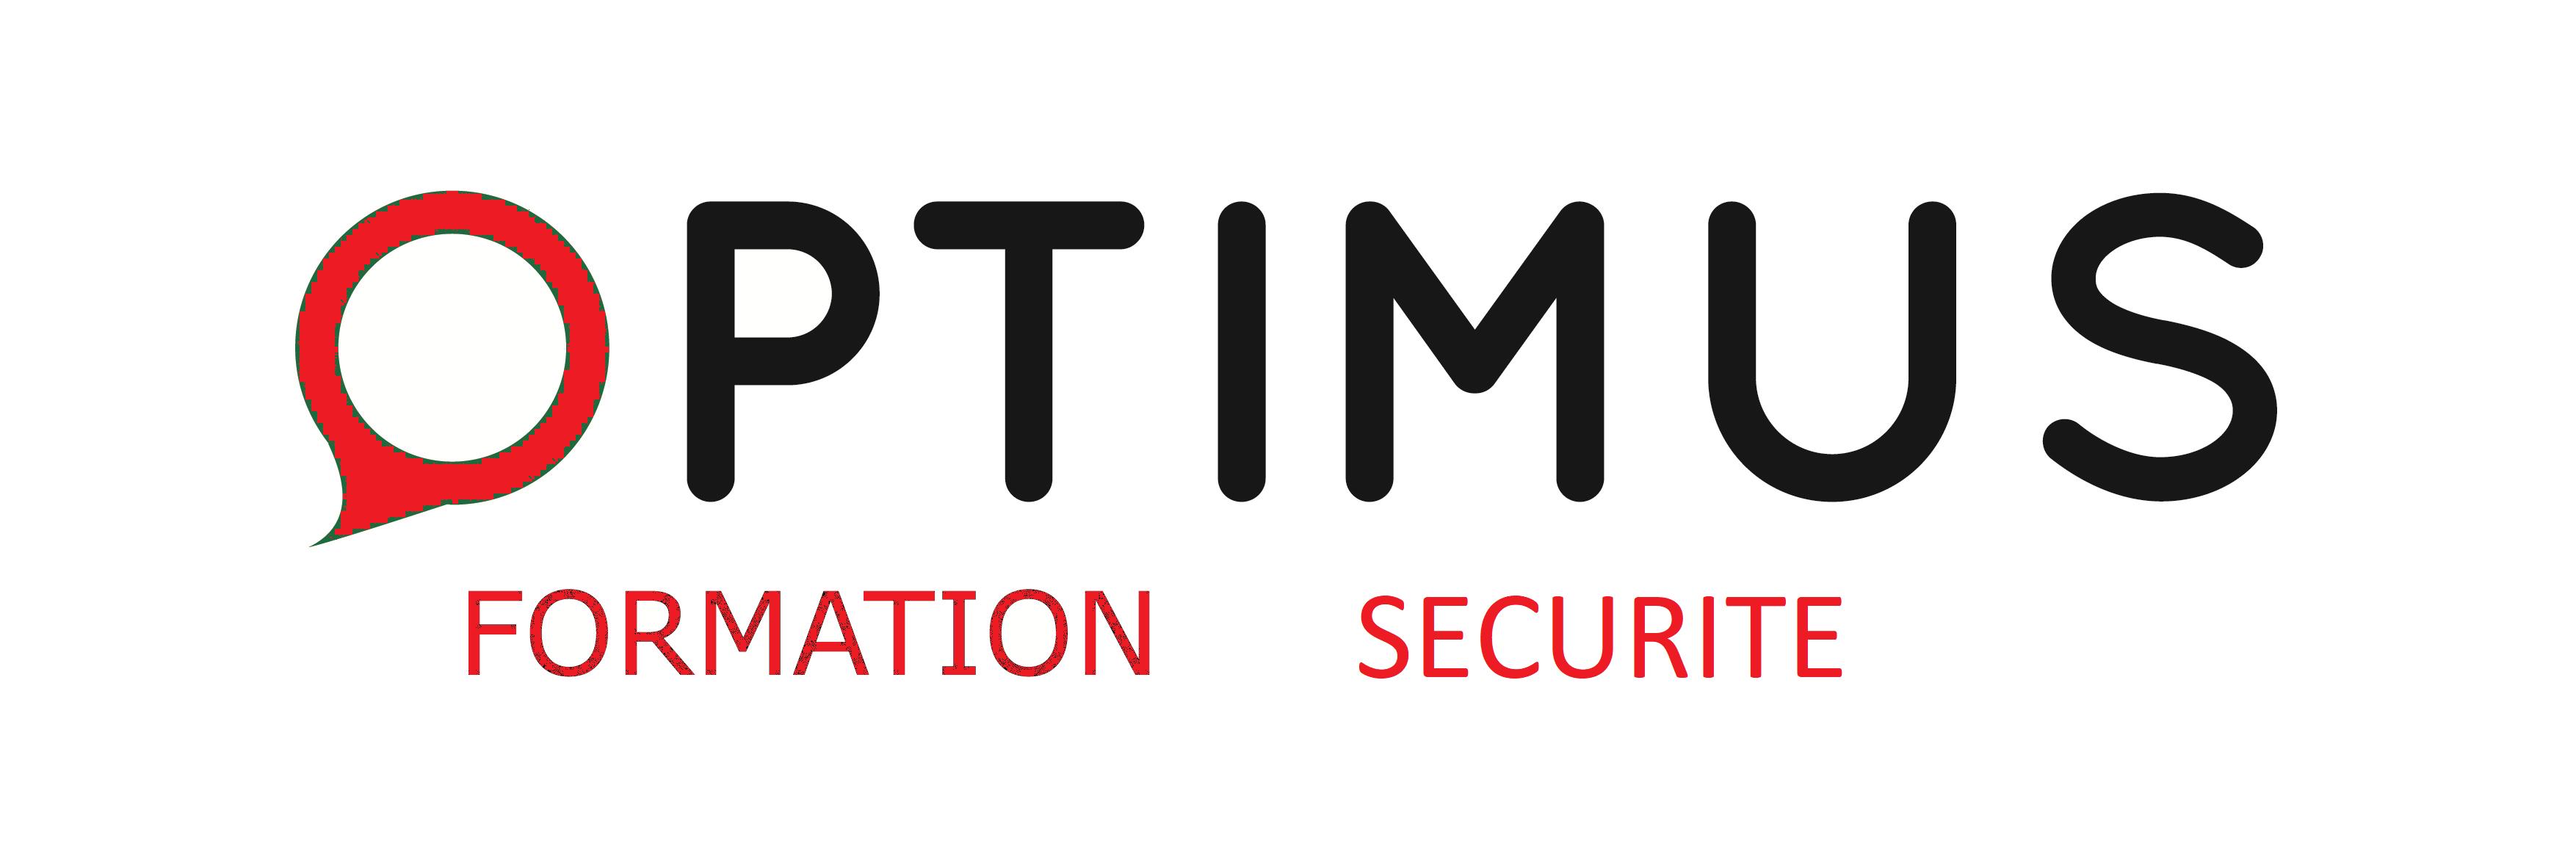 Formation Sécurité OPTIMUS